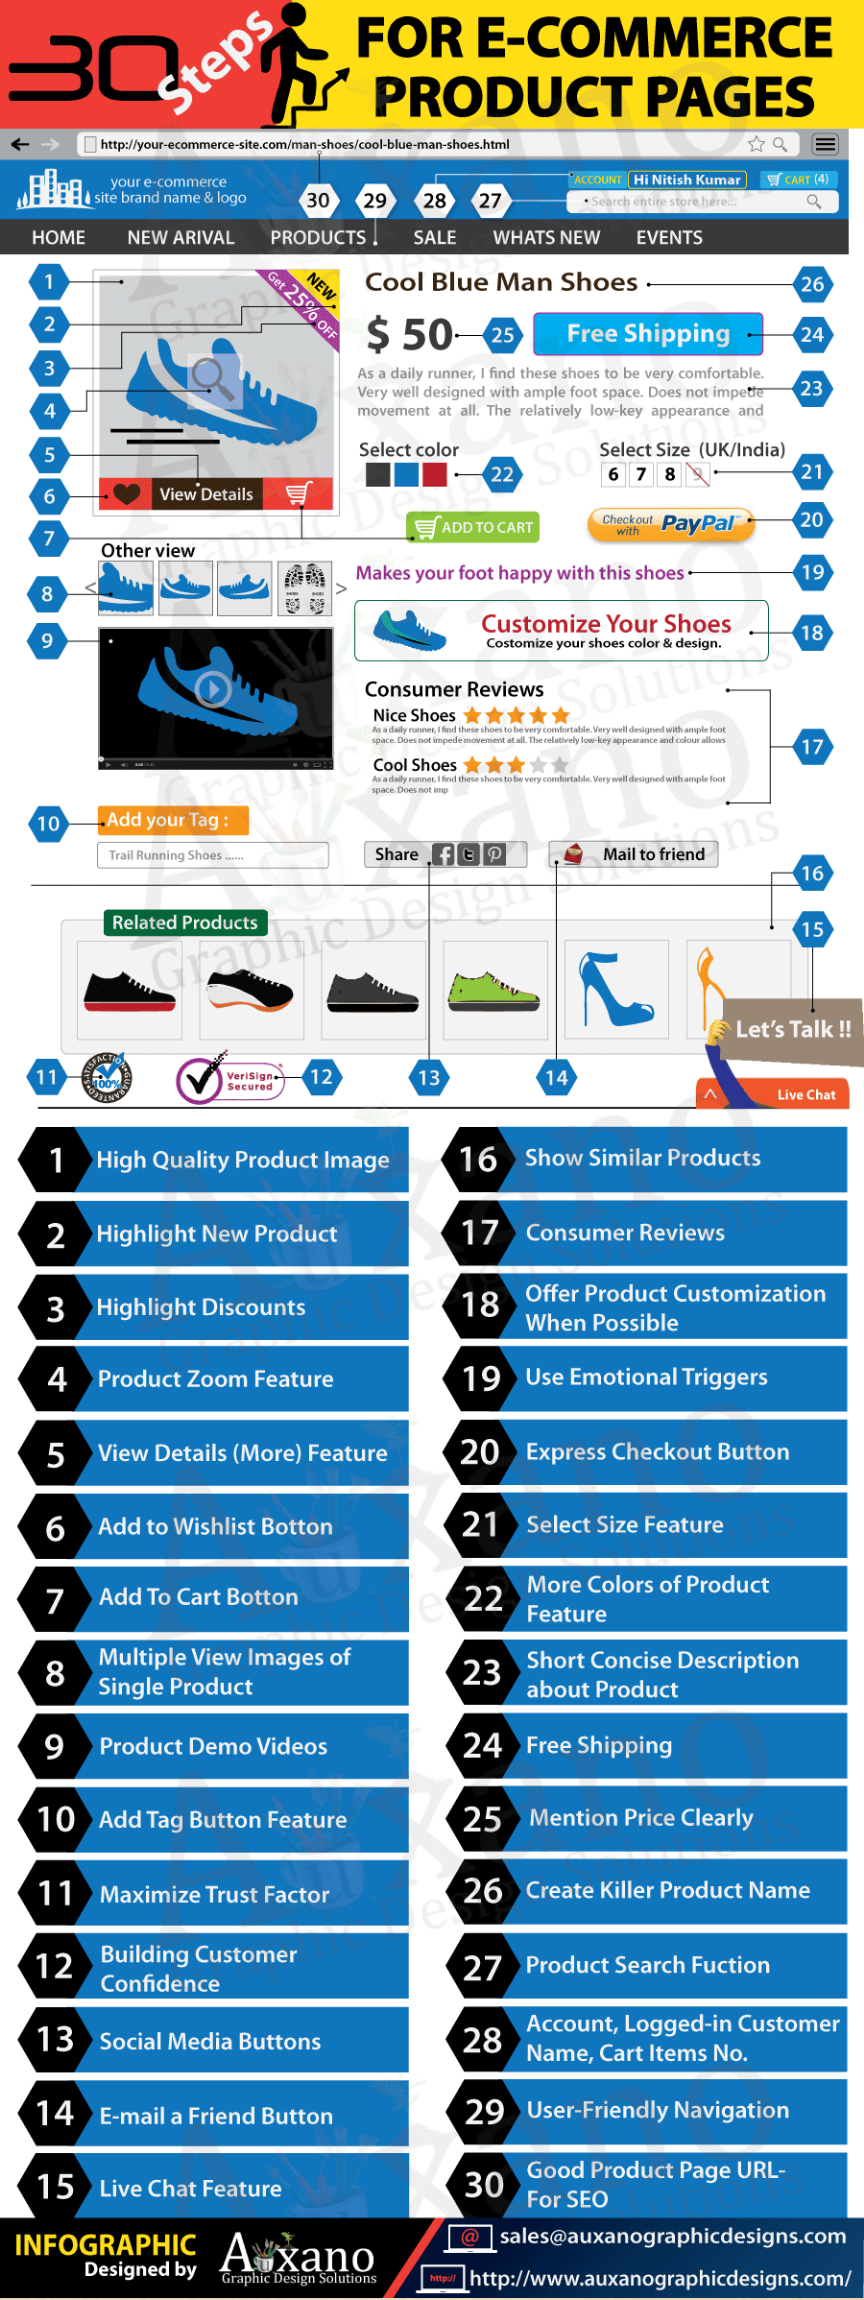 30 étapes clés pour une page produit efficace - sebmare blog